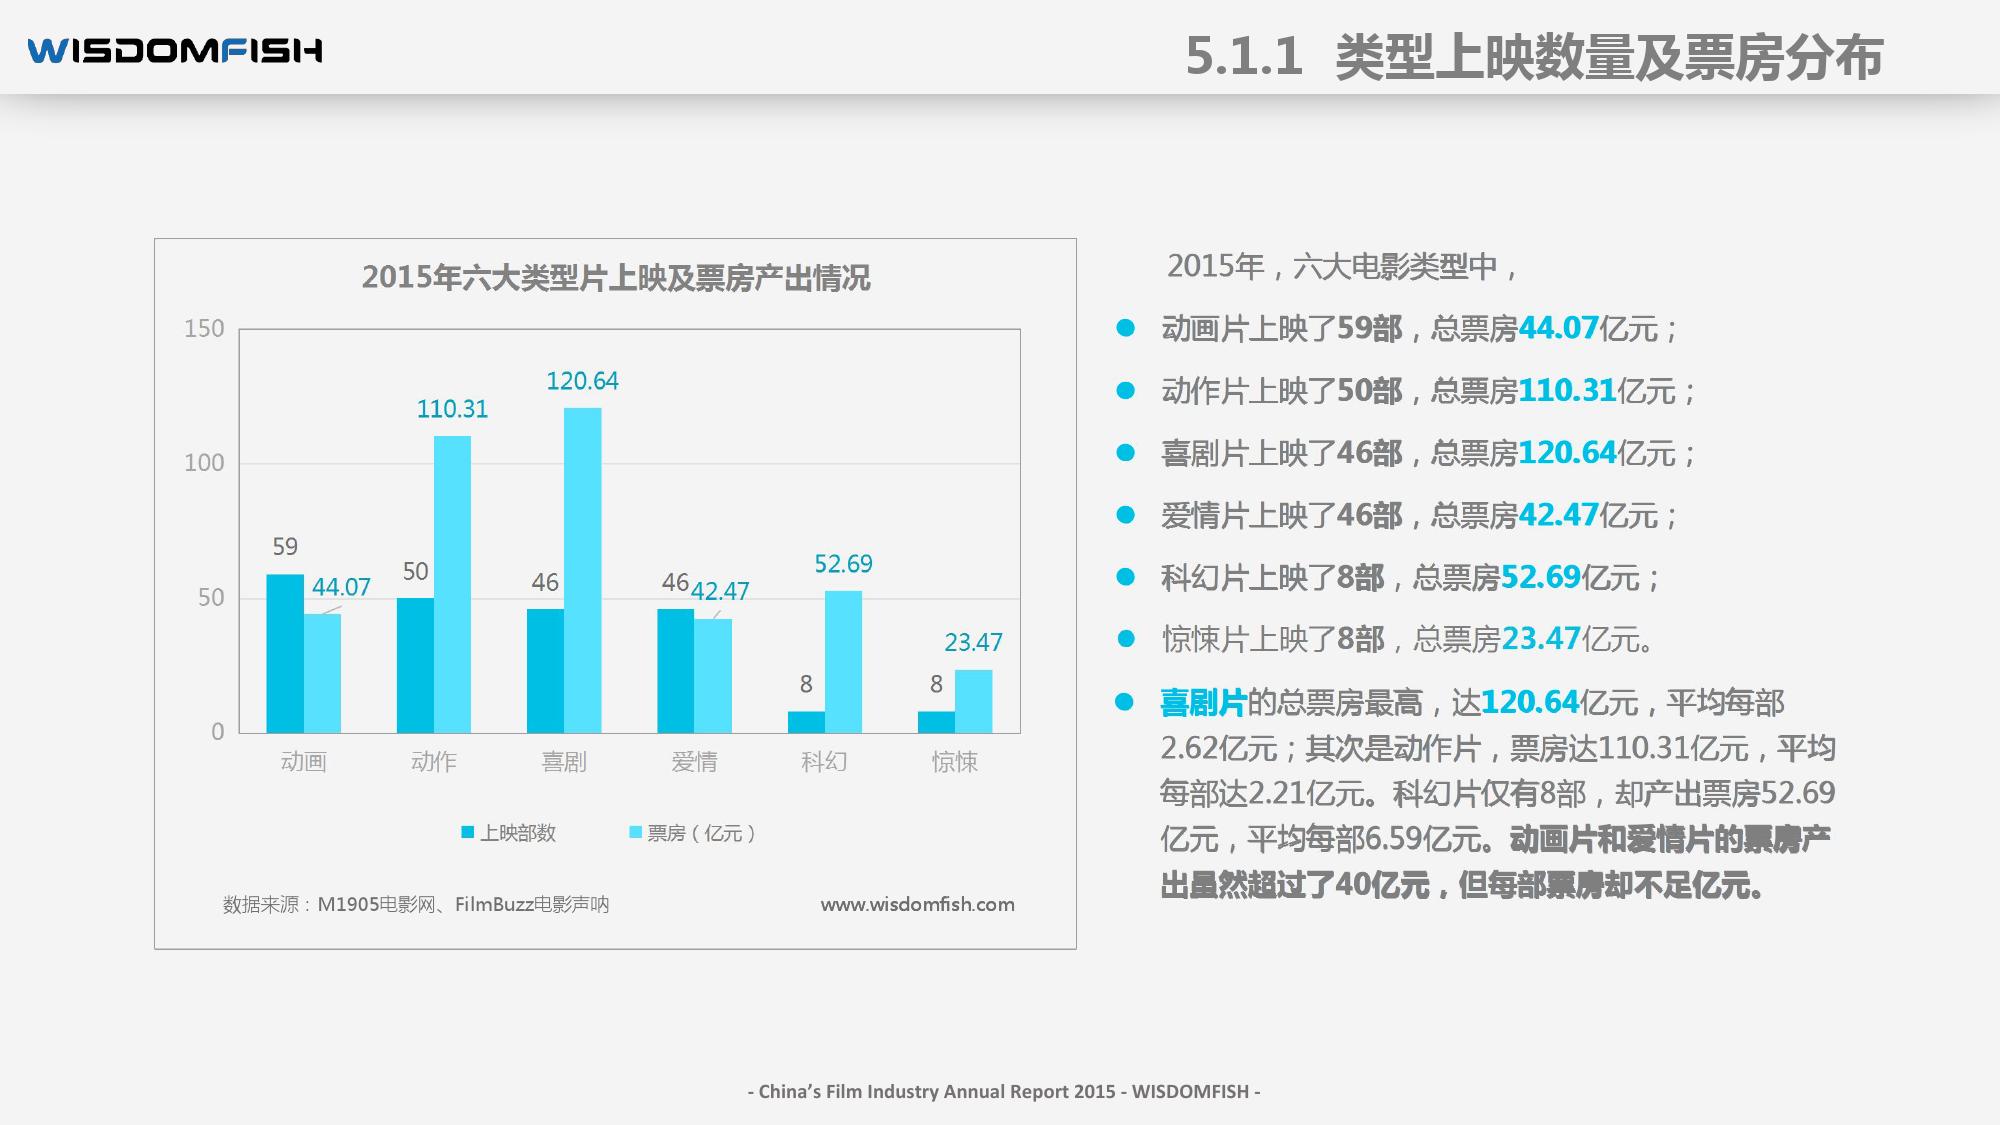 2015年度中国电影产业报告_000067